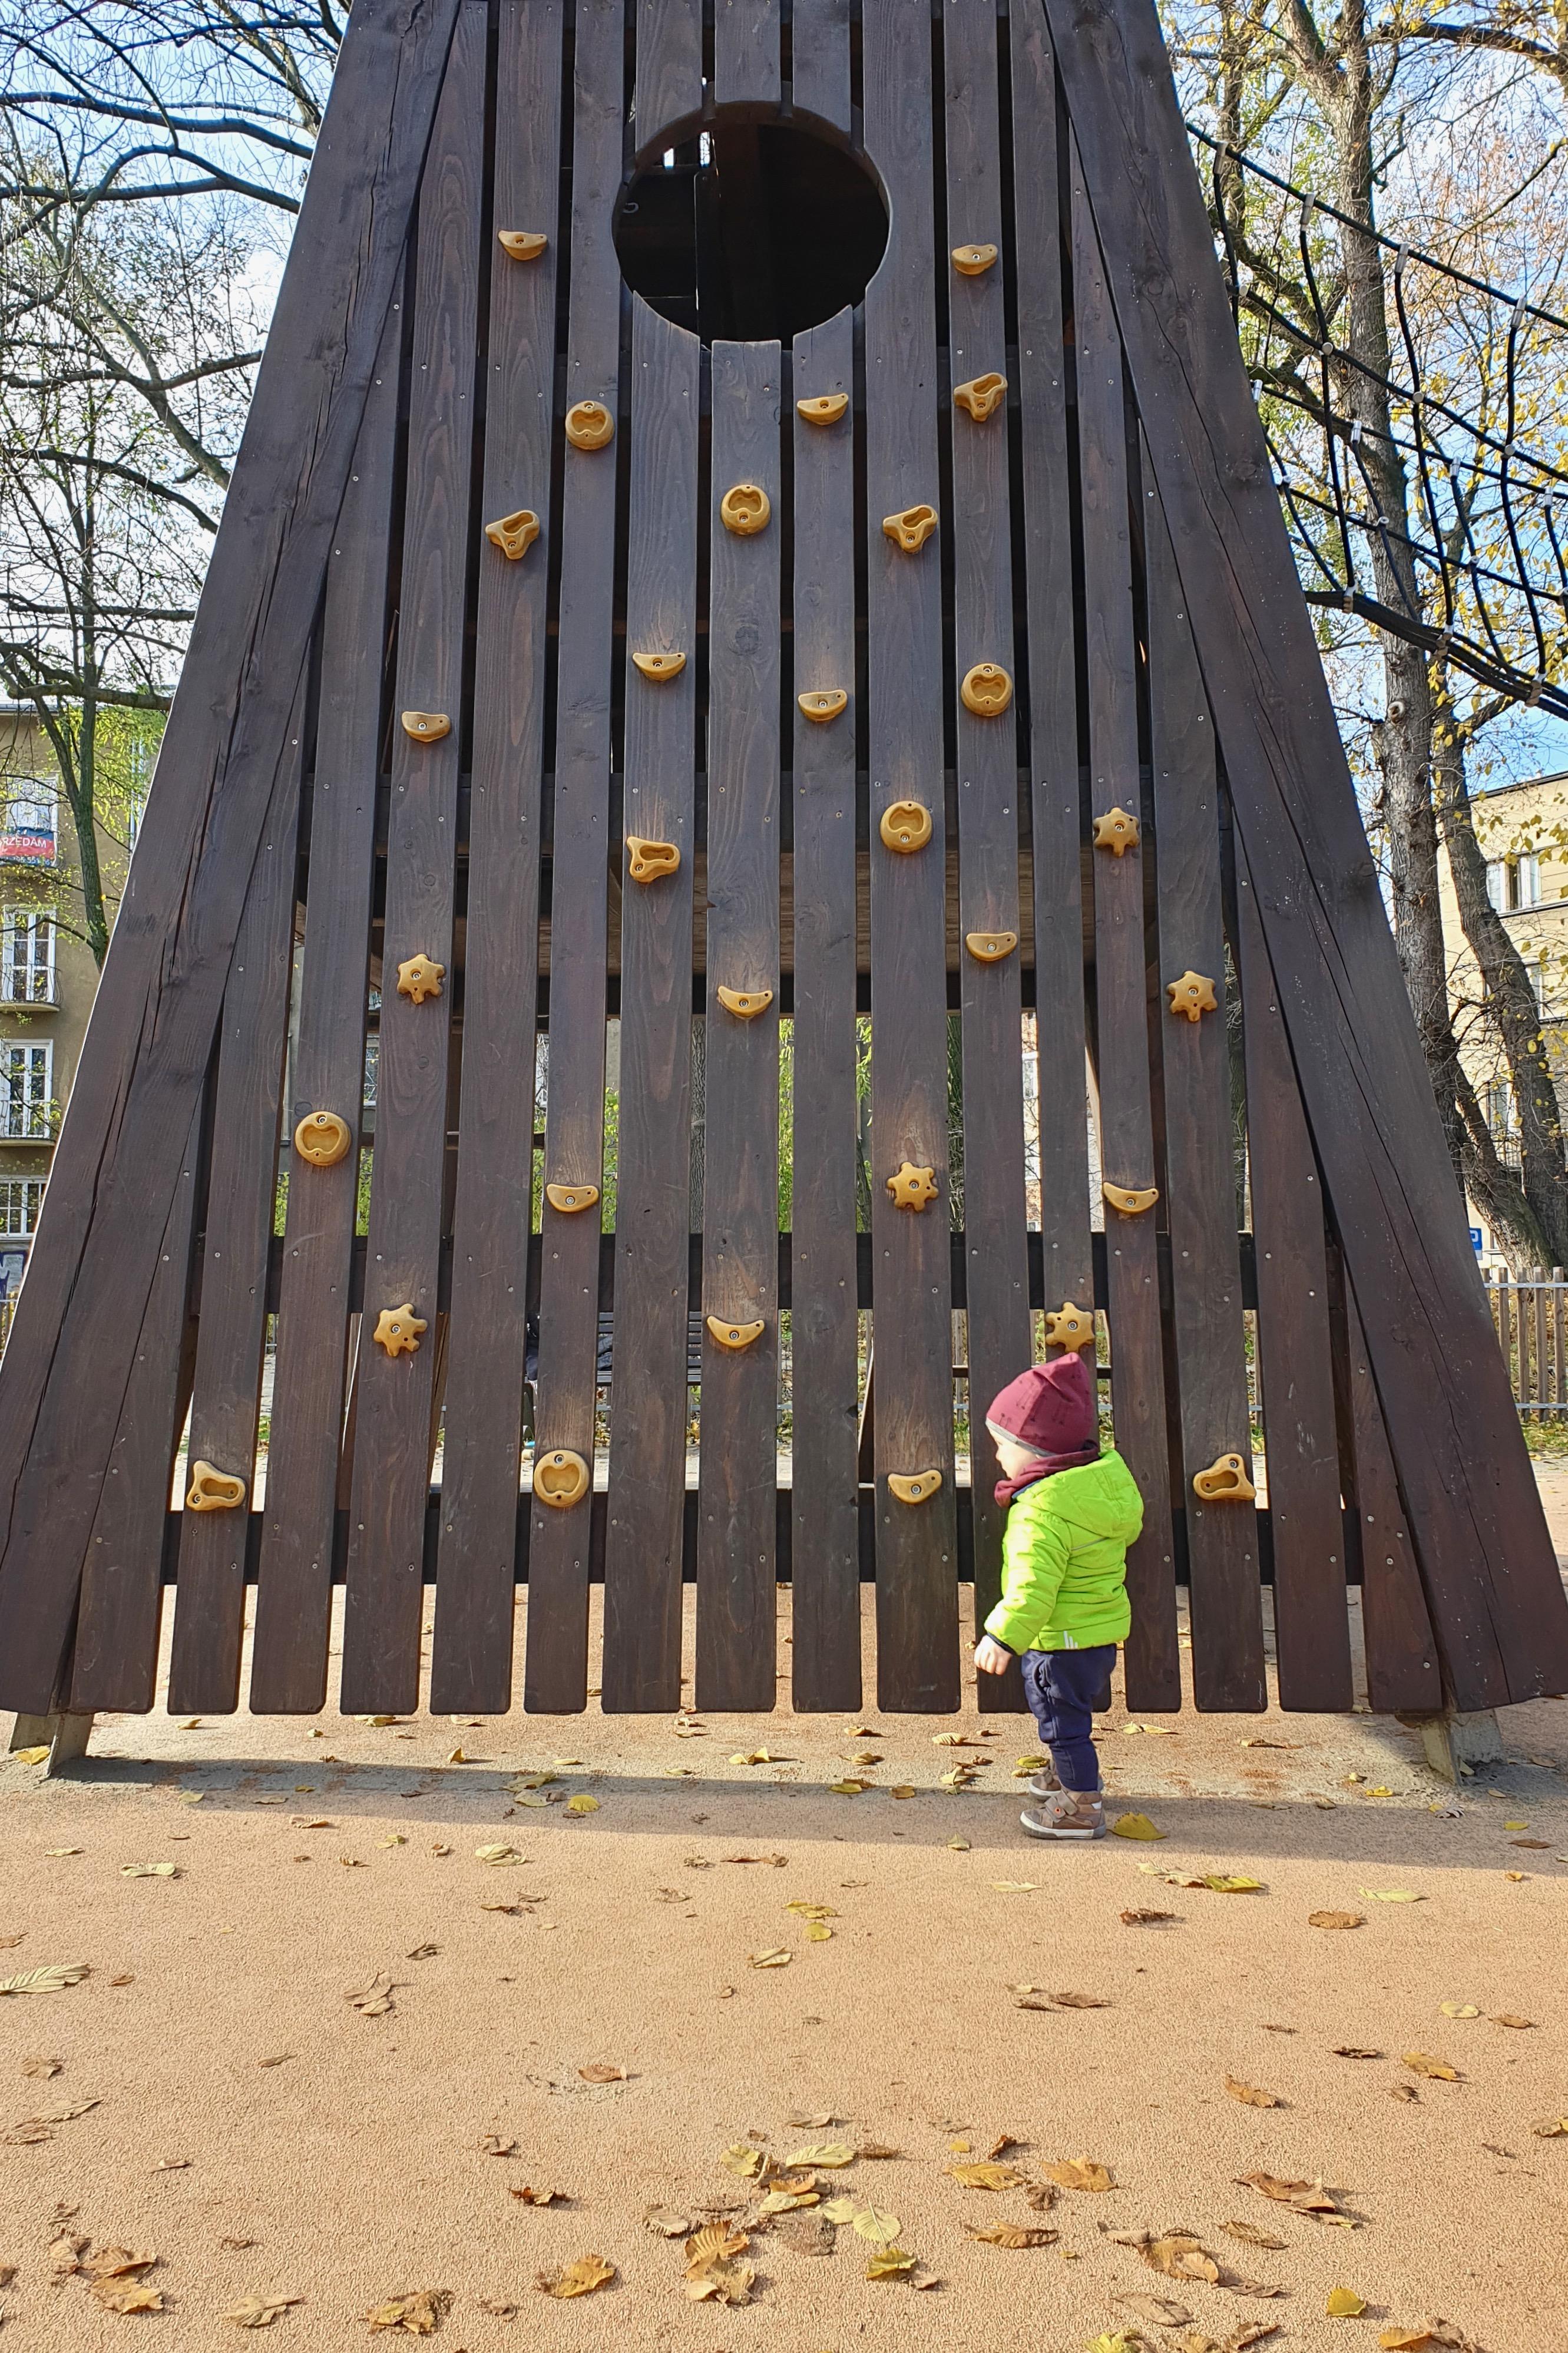 plac zabaw wieża